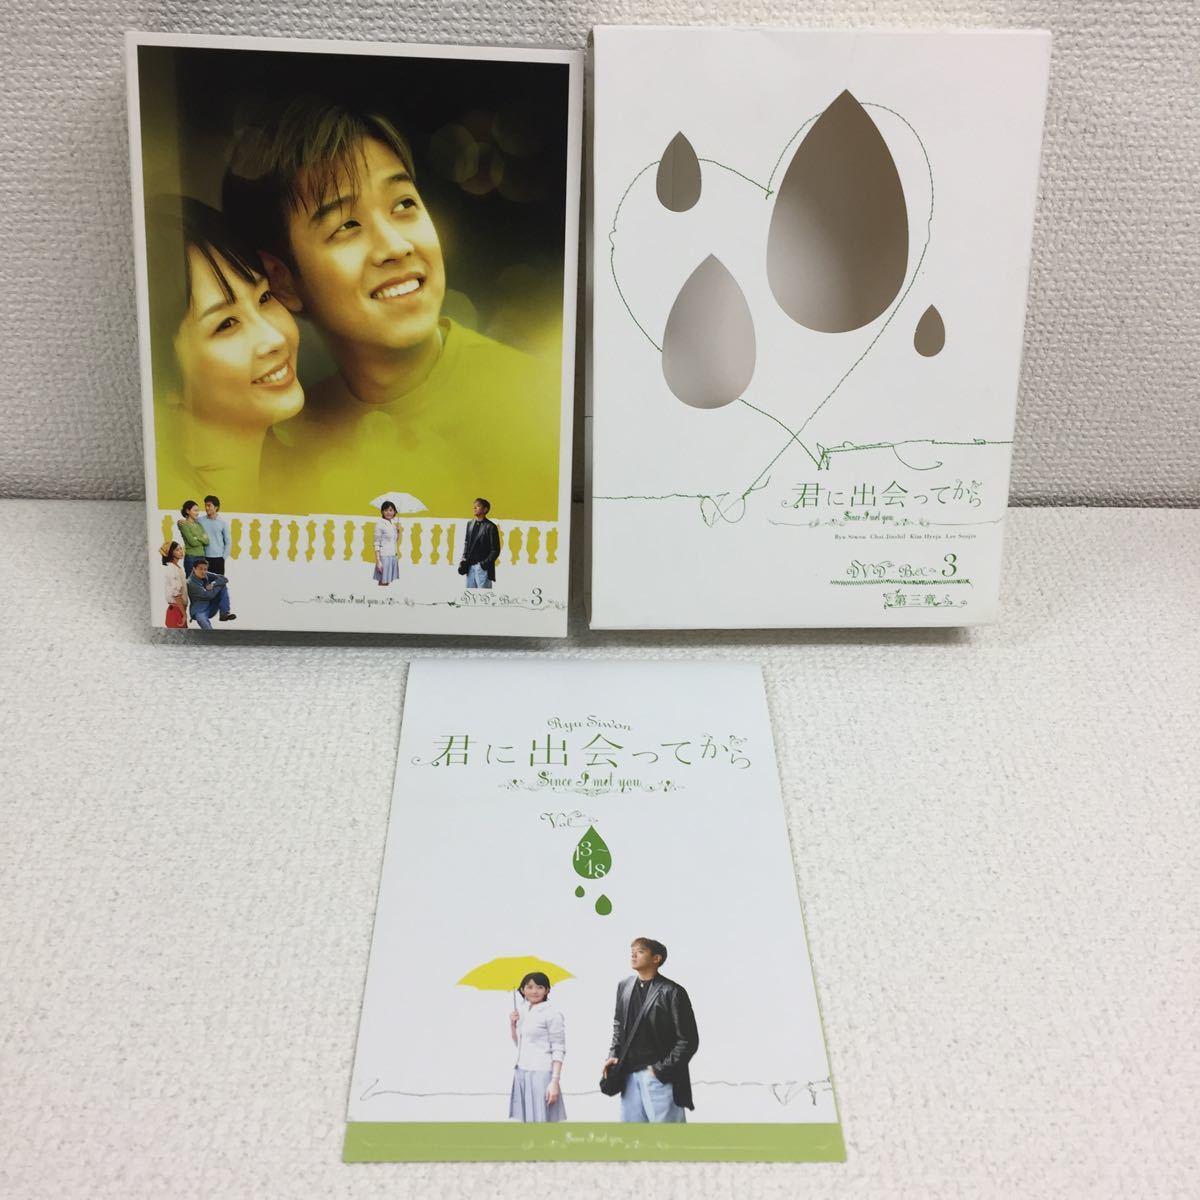 君に出会ってから 第三章 DVD-BOX 3 セル版 6枚組 韓国 ドラマ 韓流 日本語字幕 チョン・ソンジュ パク・ジョン リュ・シウォン_画像2